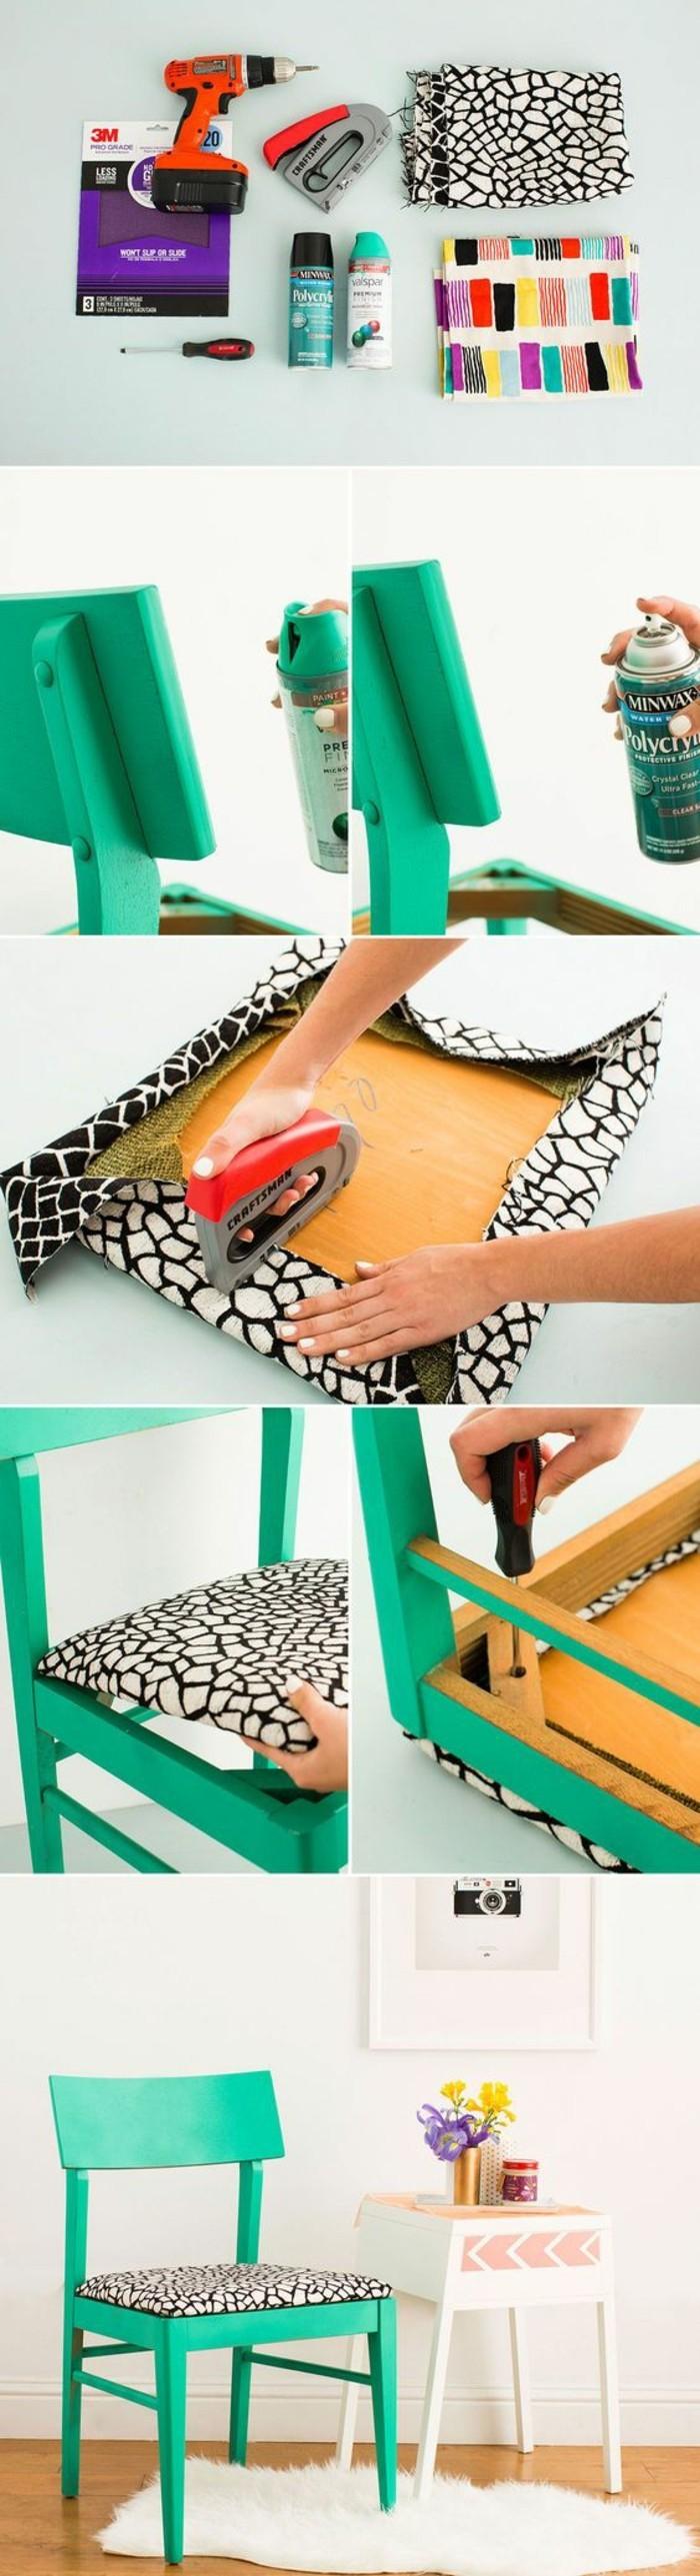 restaurer une chaise chinée à quelques coups de peinture verte, siège revêtu de tissu imprimé en noir et blanc